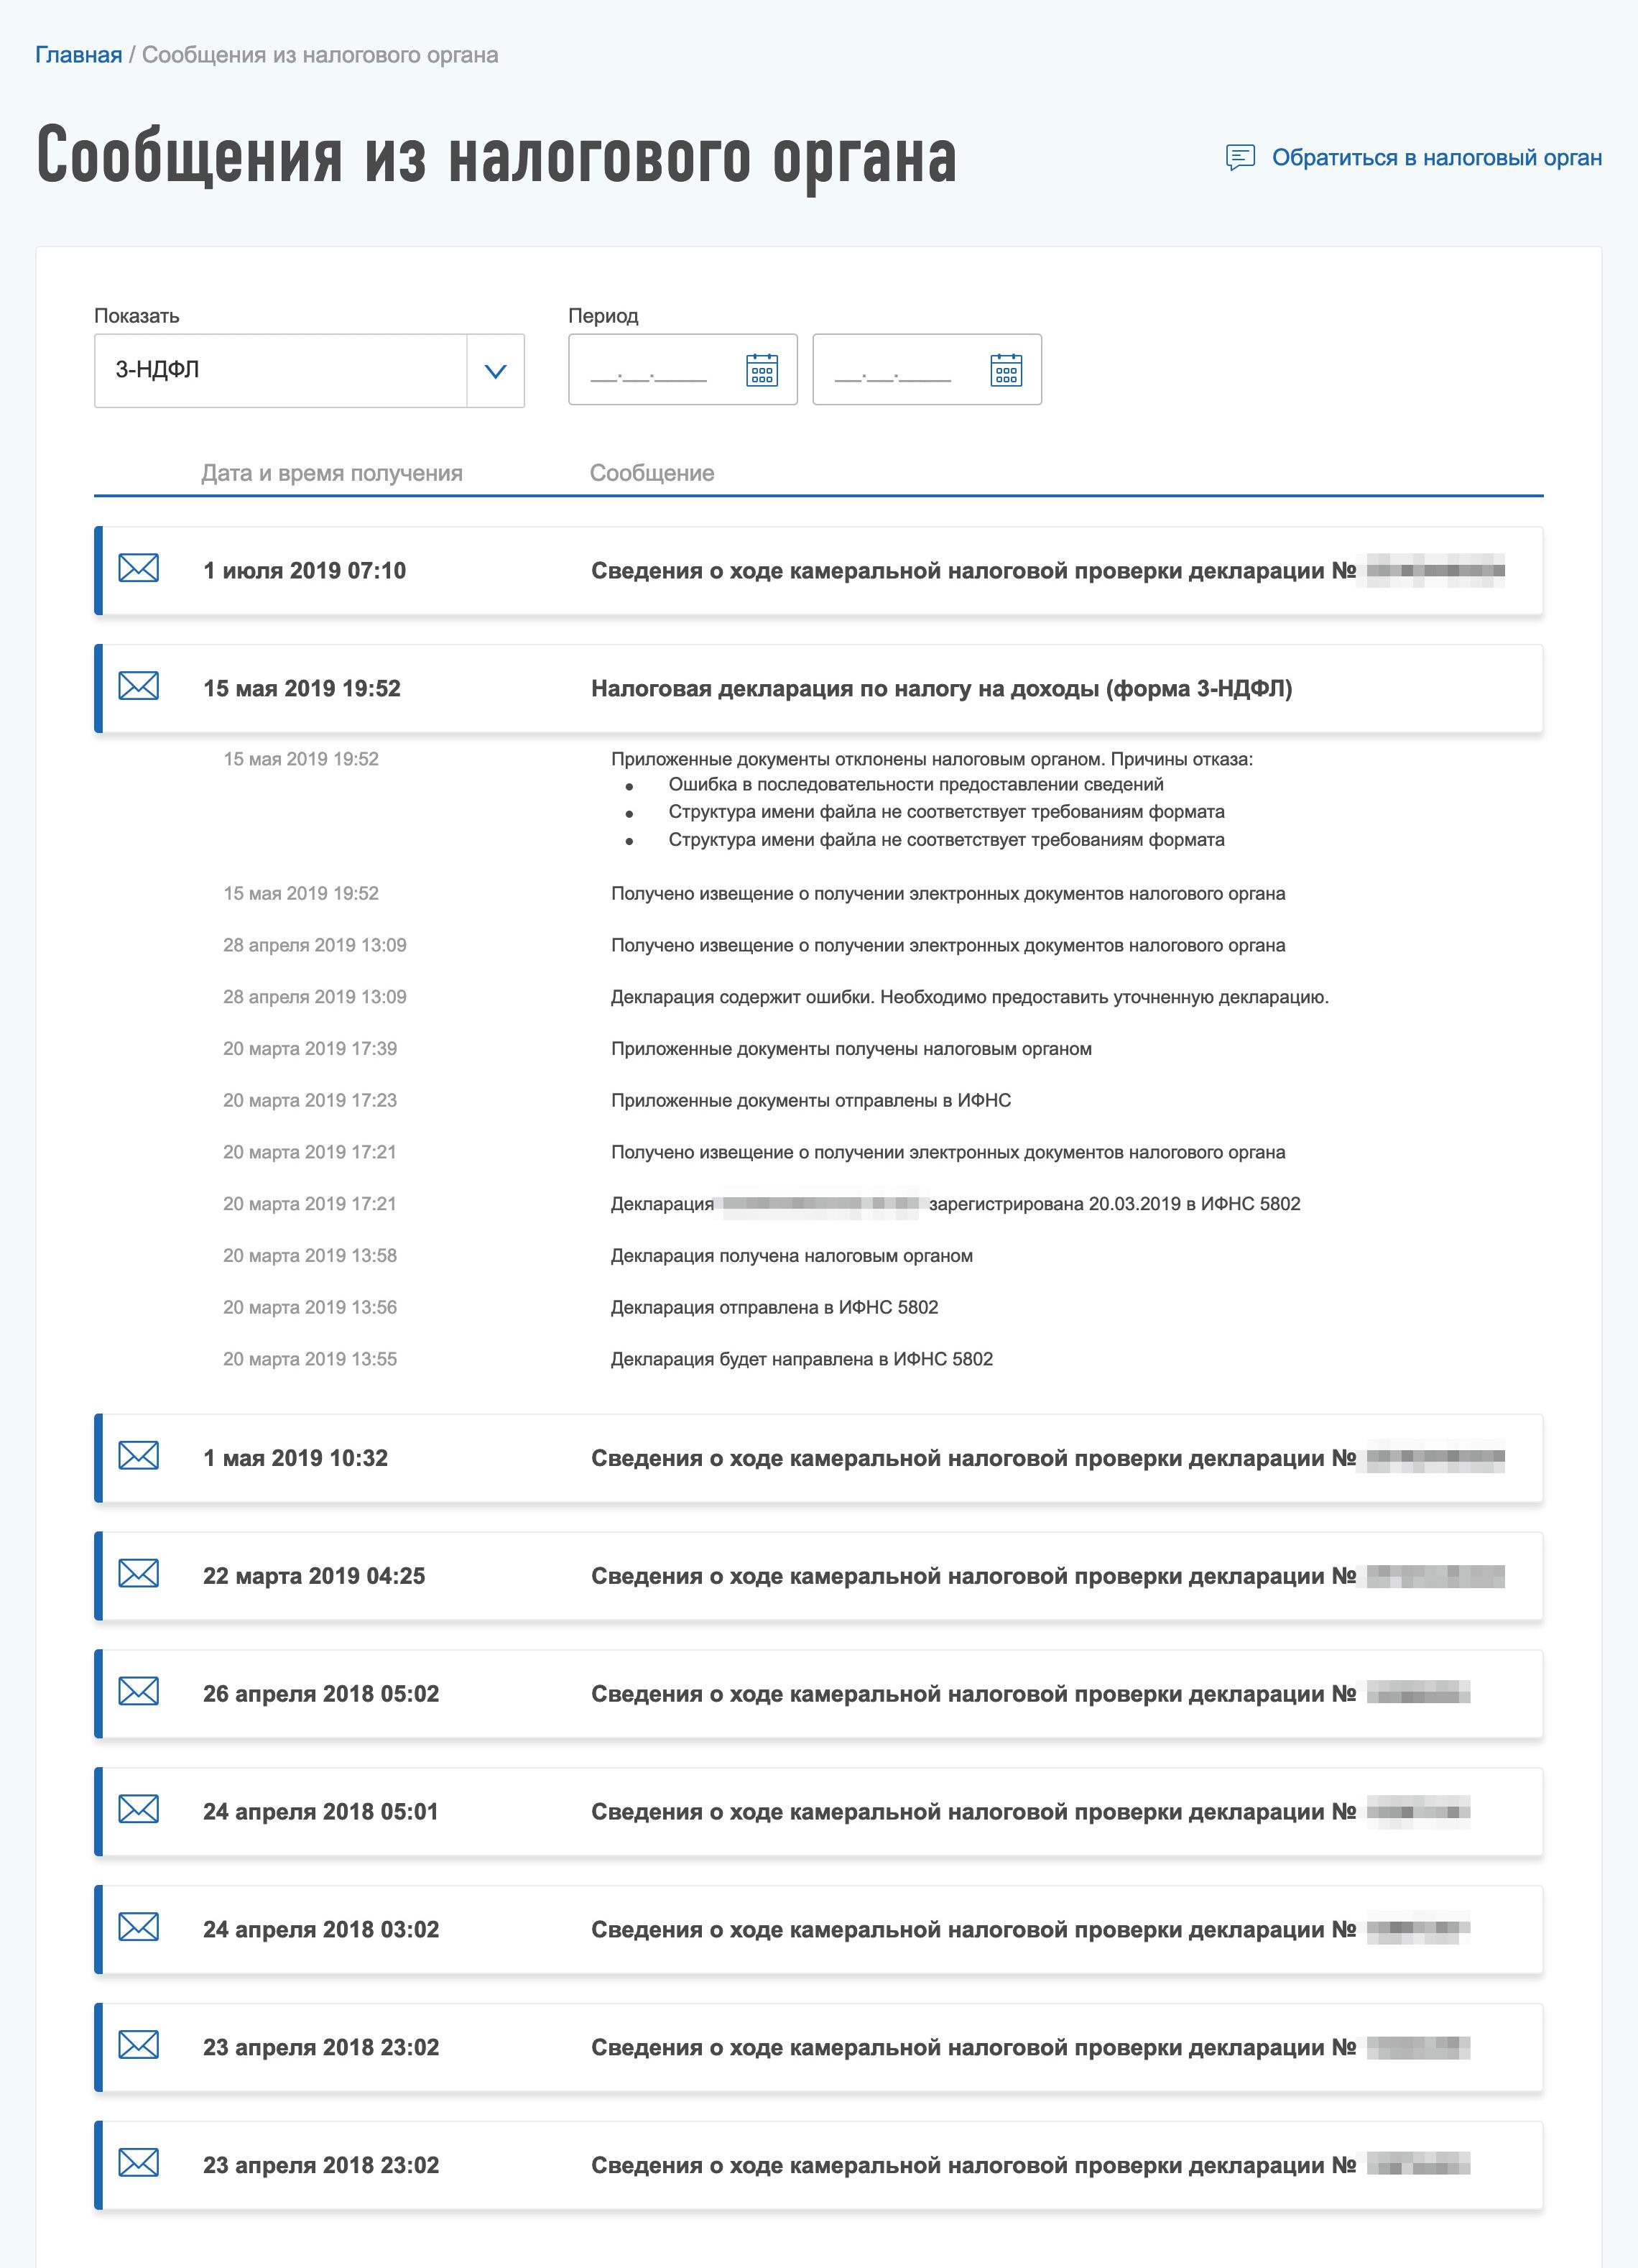 Сообщения из налоговой. Нажав на любое из их них, можно увидеть статус сообщения, историю обработки и вложенные документы